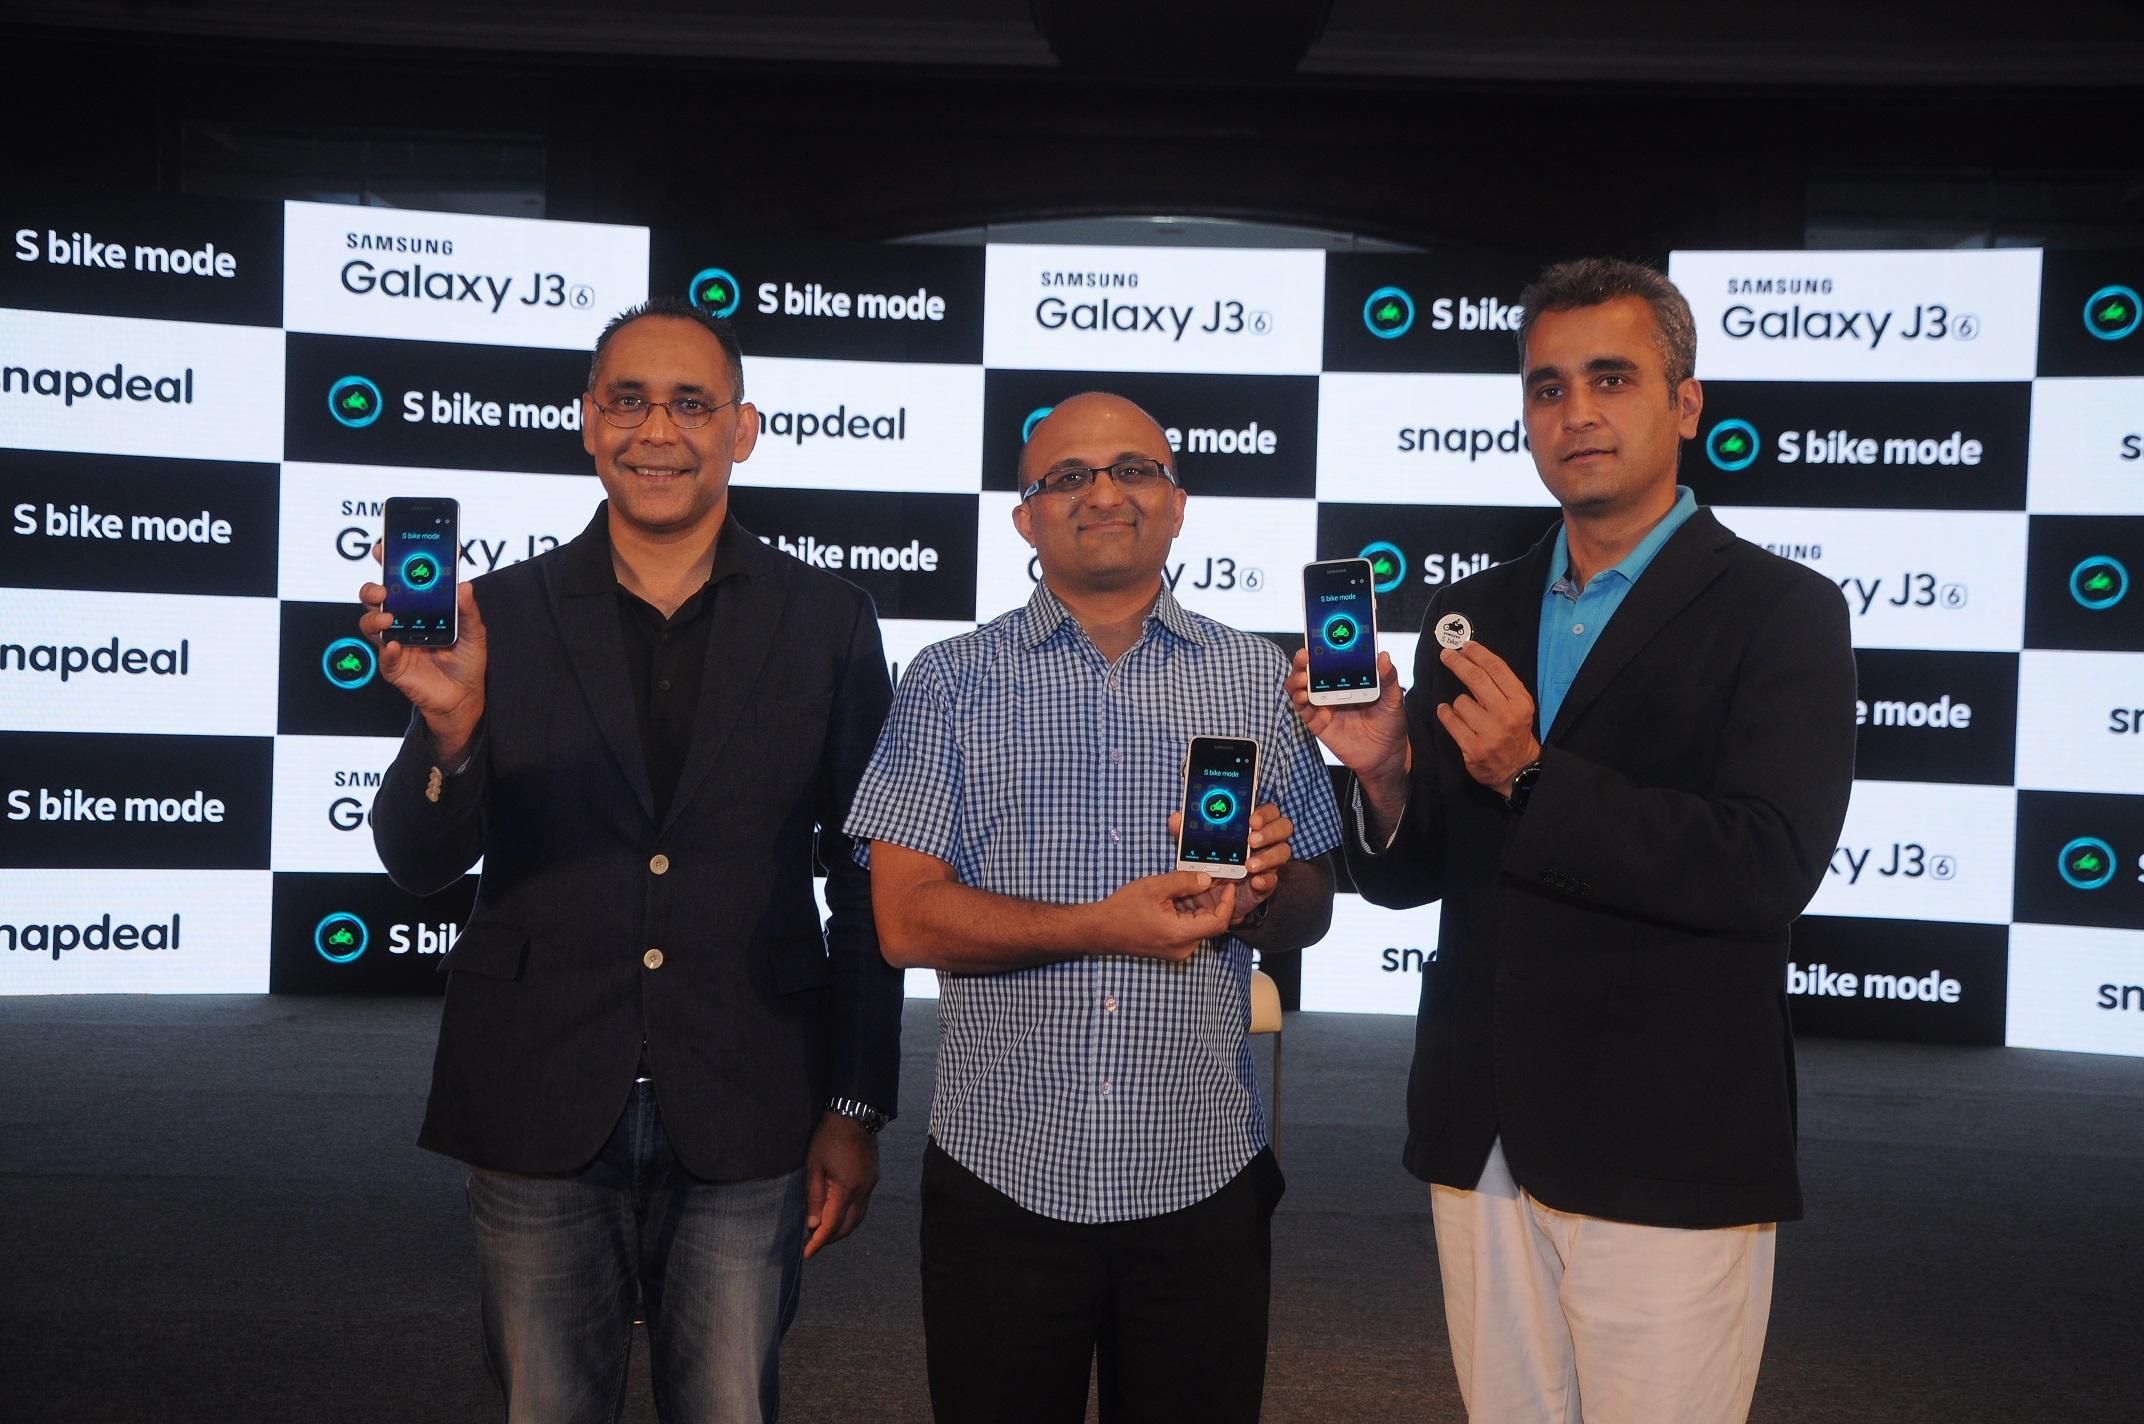 Samsung Galaxy J3 Launch In Delhi